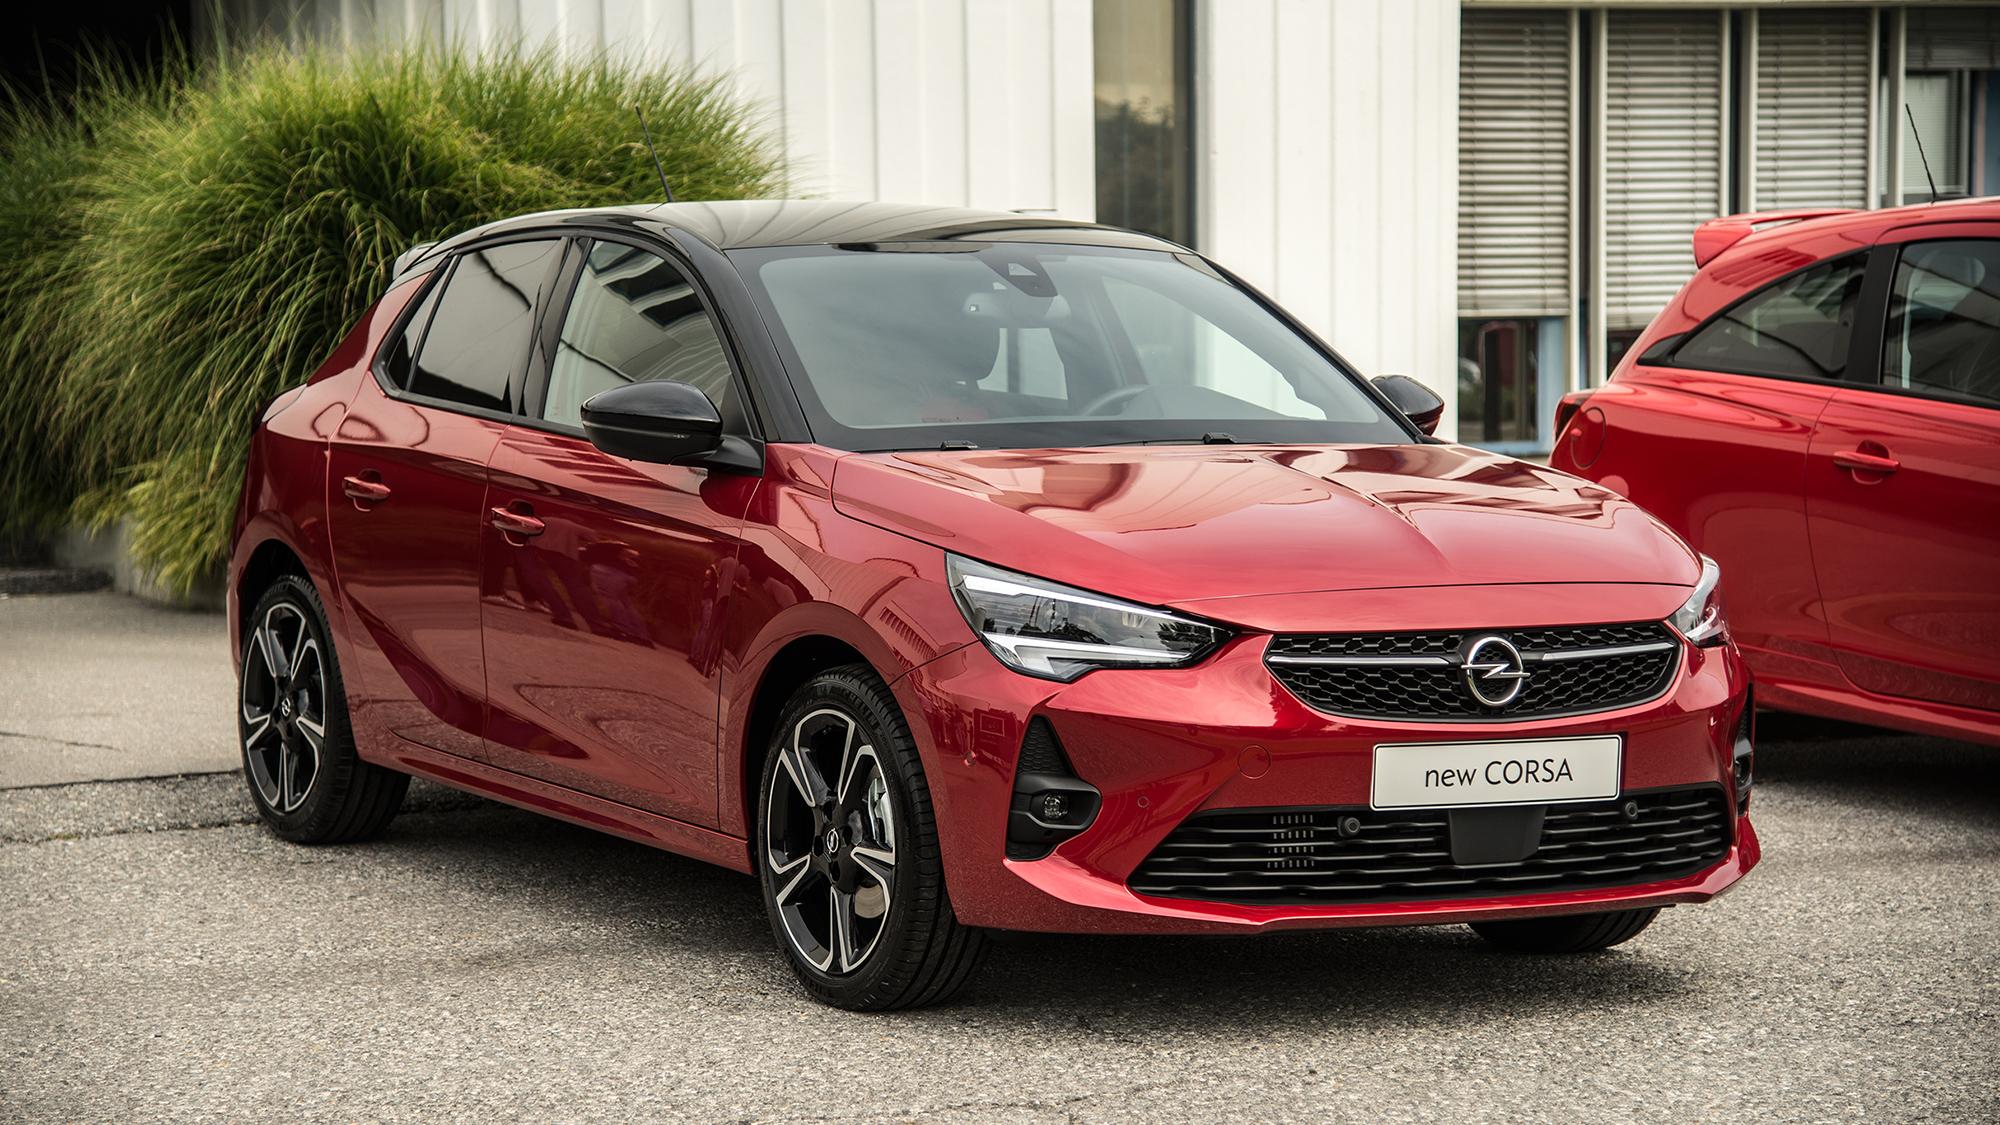 2020 Opel Corsa Redesign